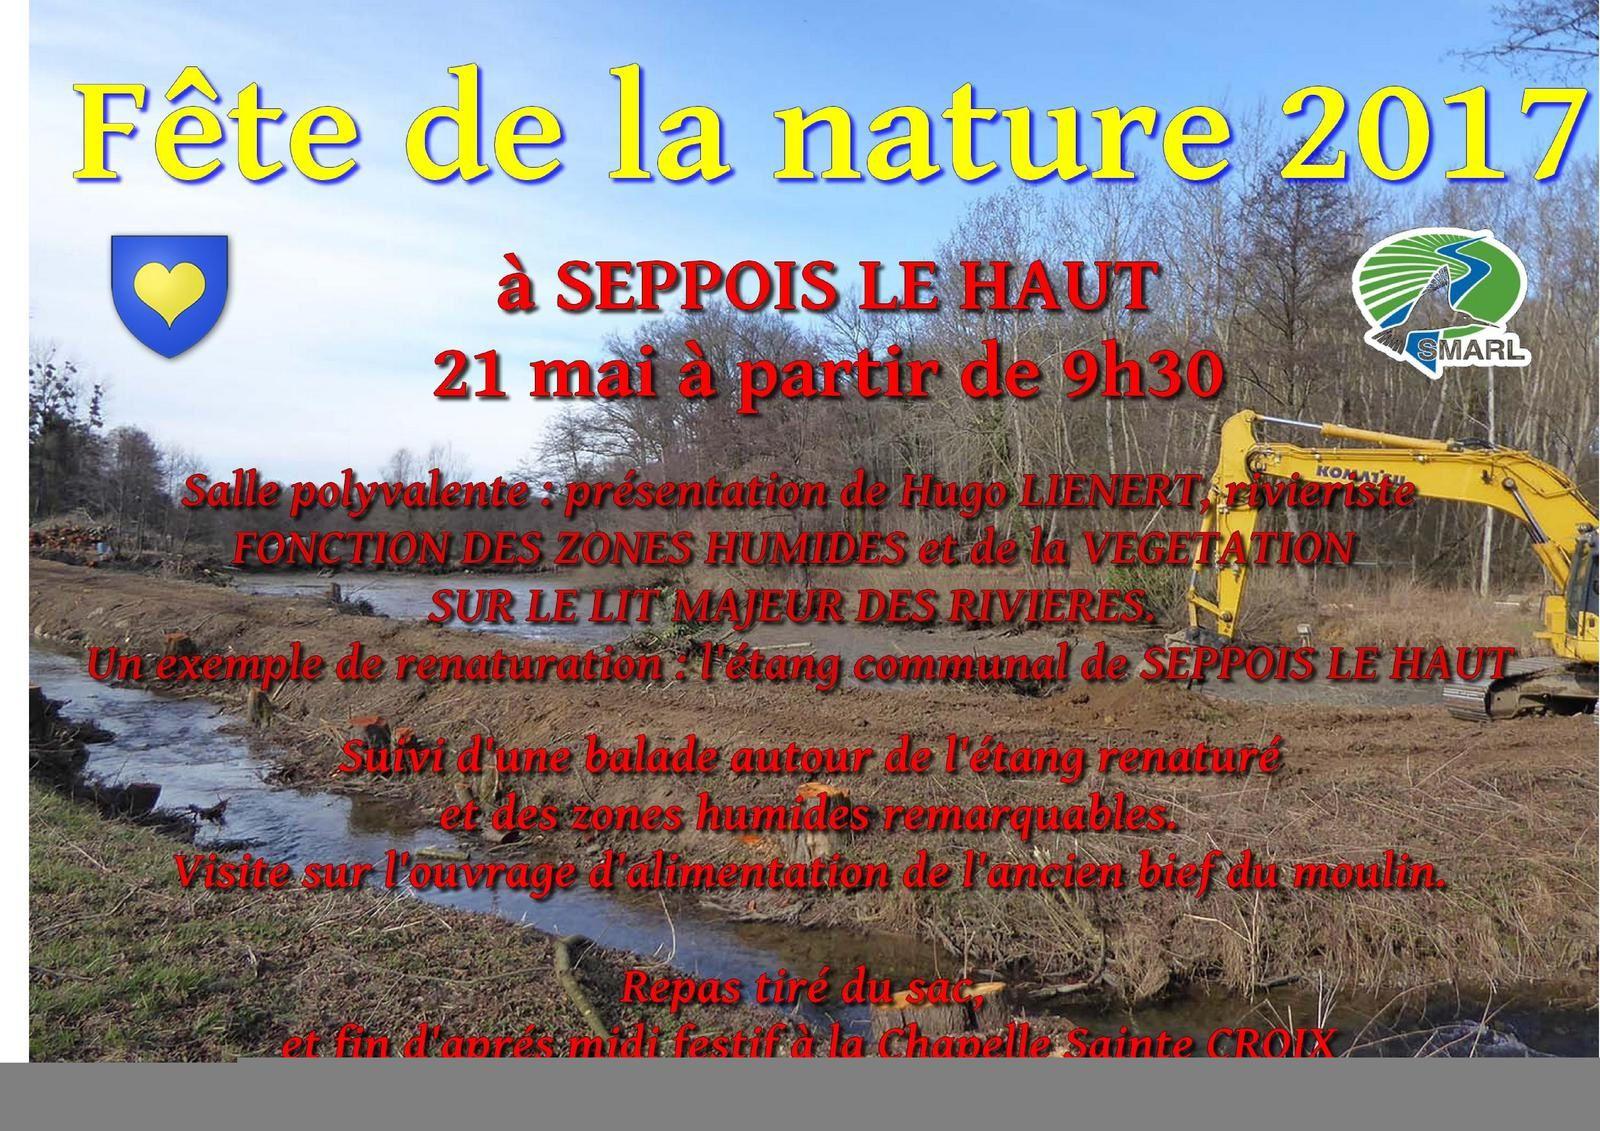 Fête de la Nature 2017 à SEPPOIS LE HAUT, le dimanche 21 mai